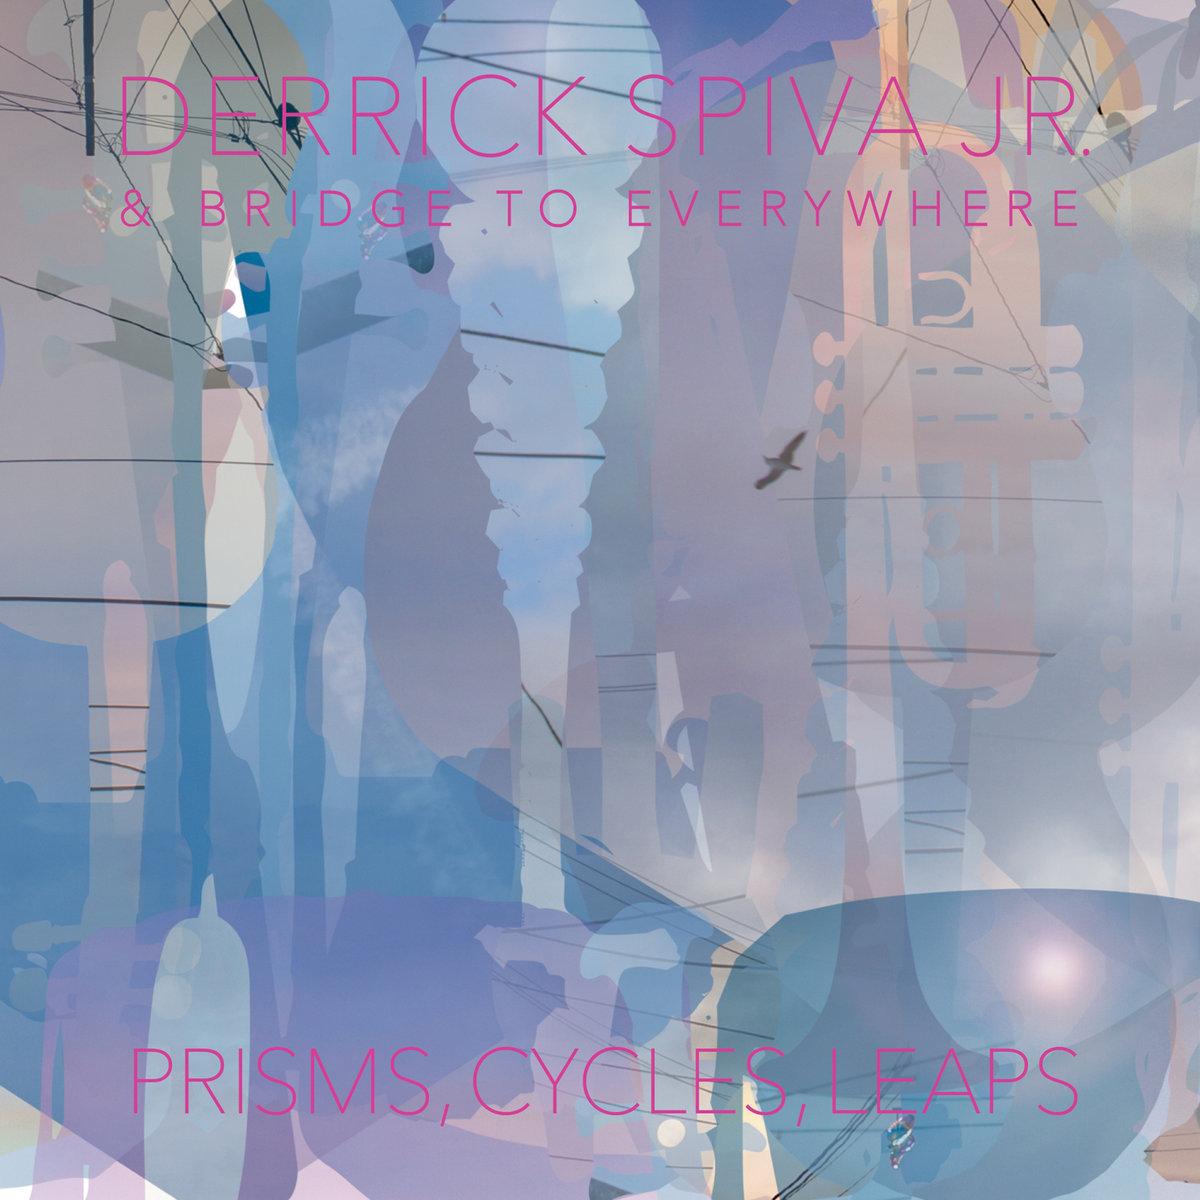 Derrick Spiva Jr. | Prisms, Cycles, Leaps